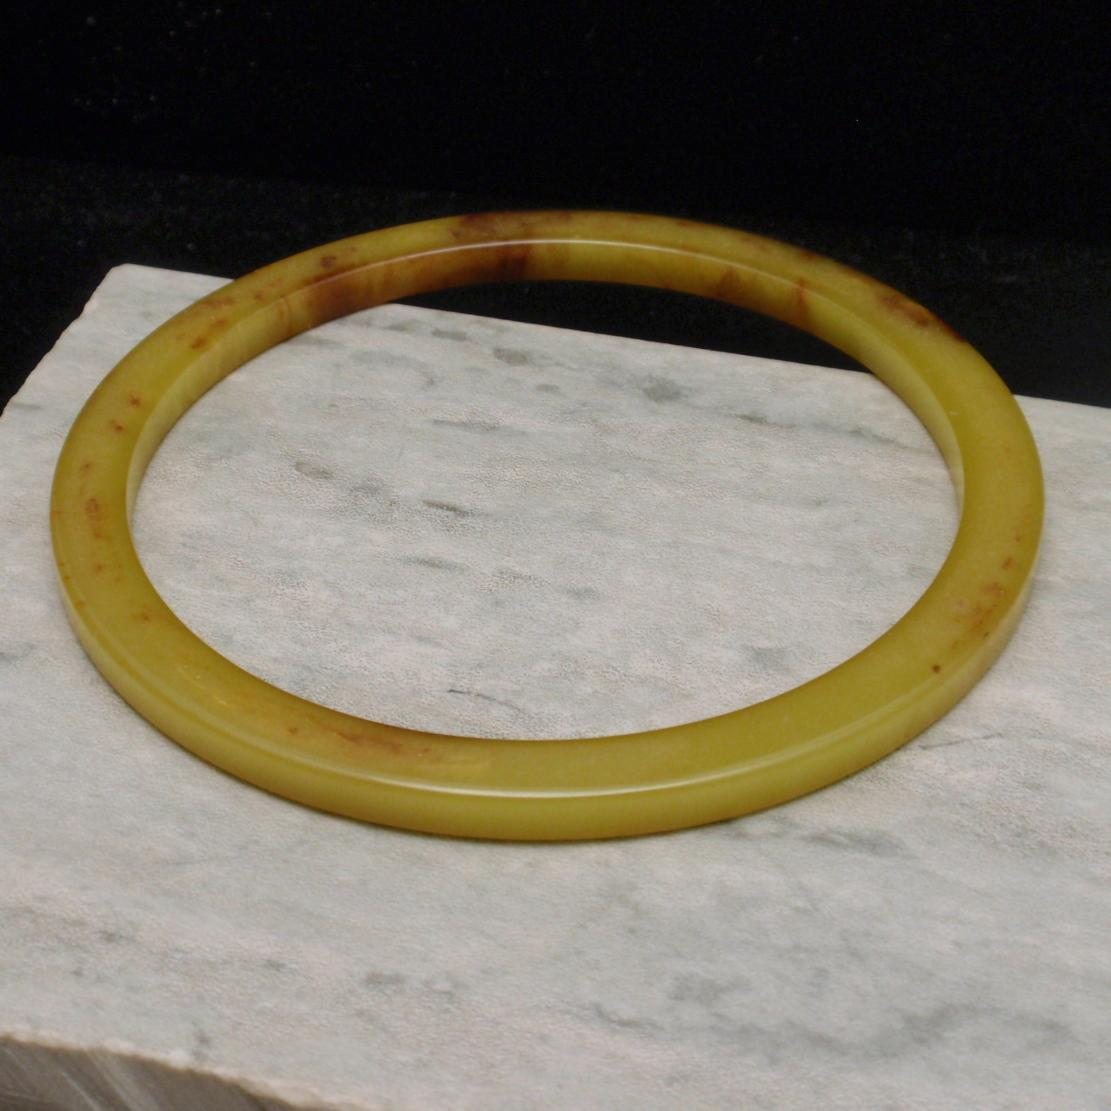 Bakelite Bangle Spacer Bracelet Vintage